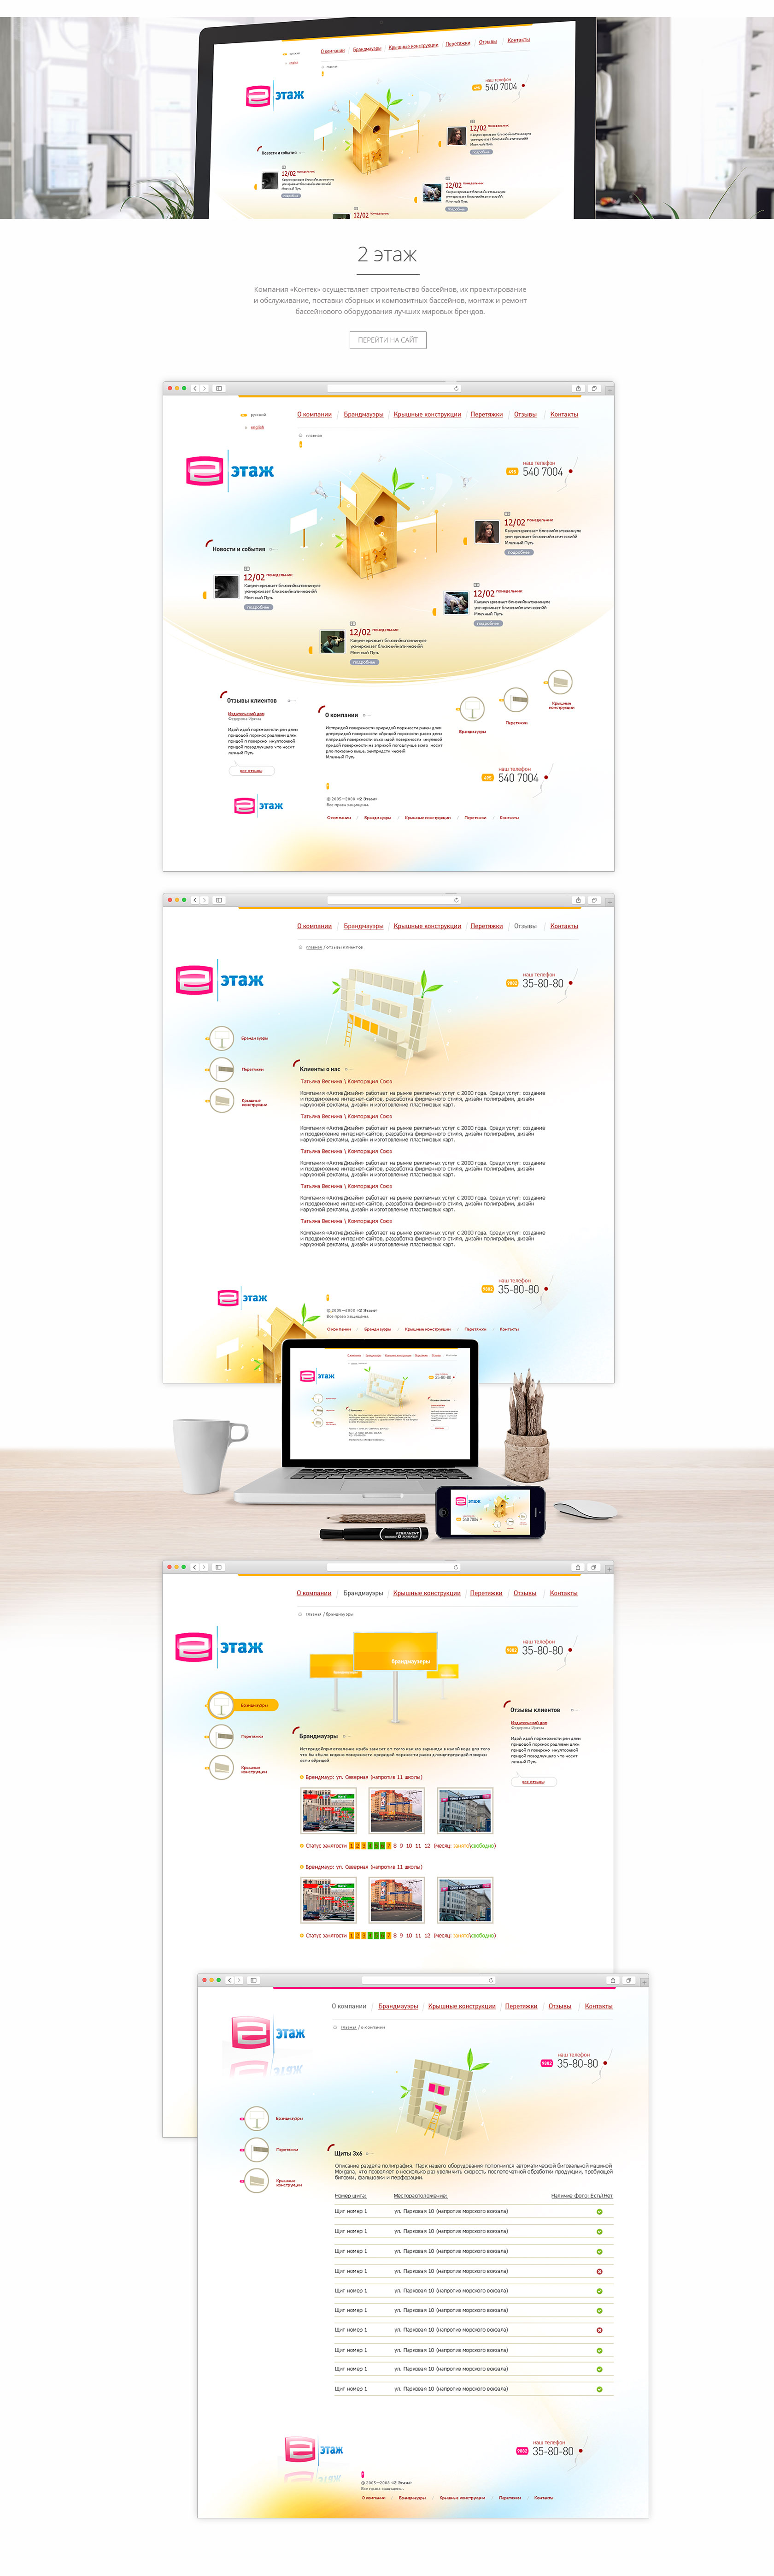 Сайт оператора широкоформатной рекламы